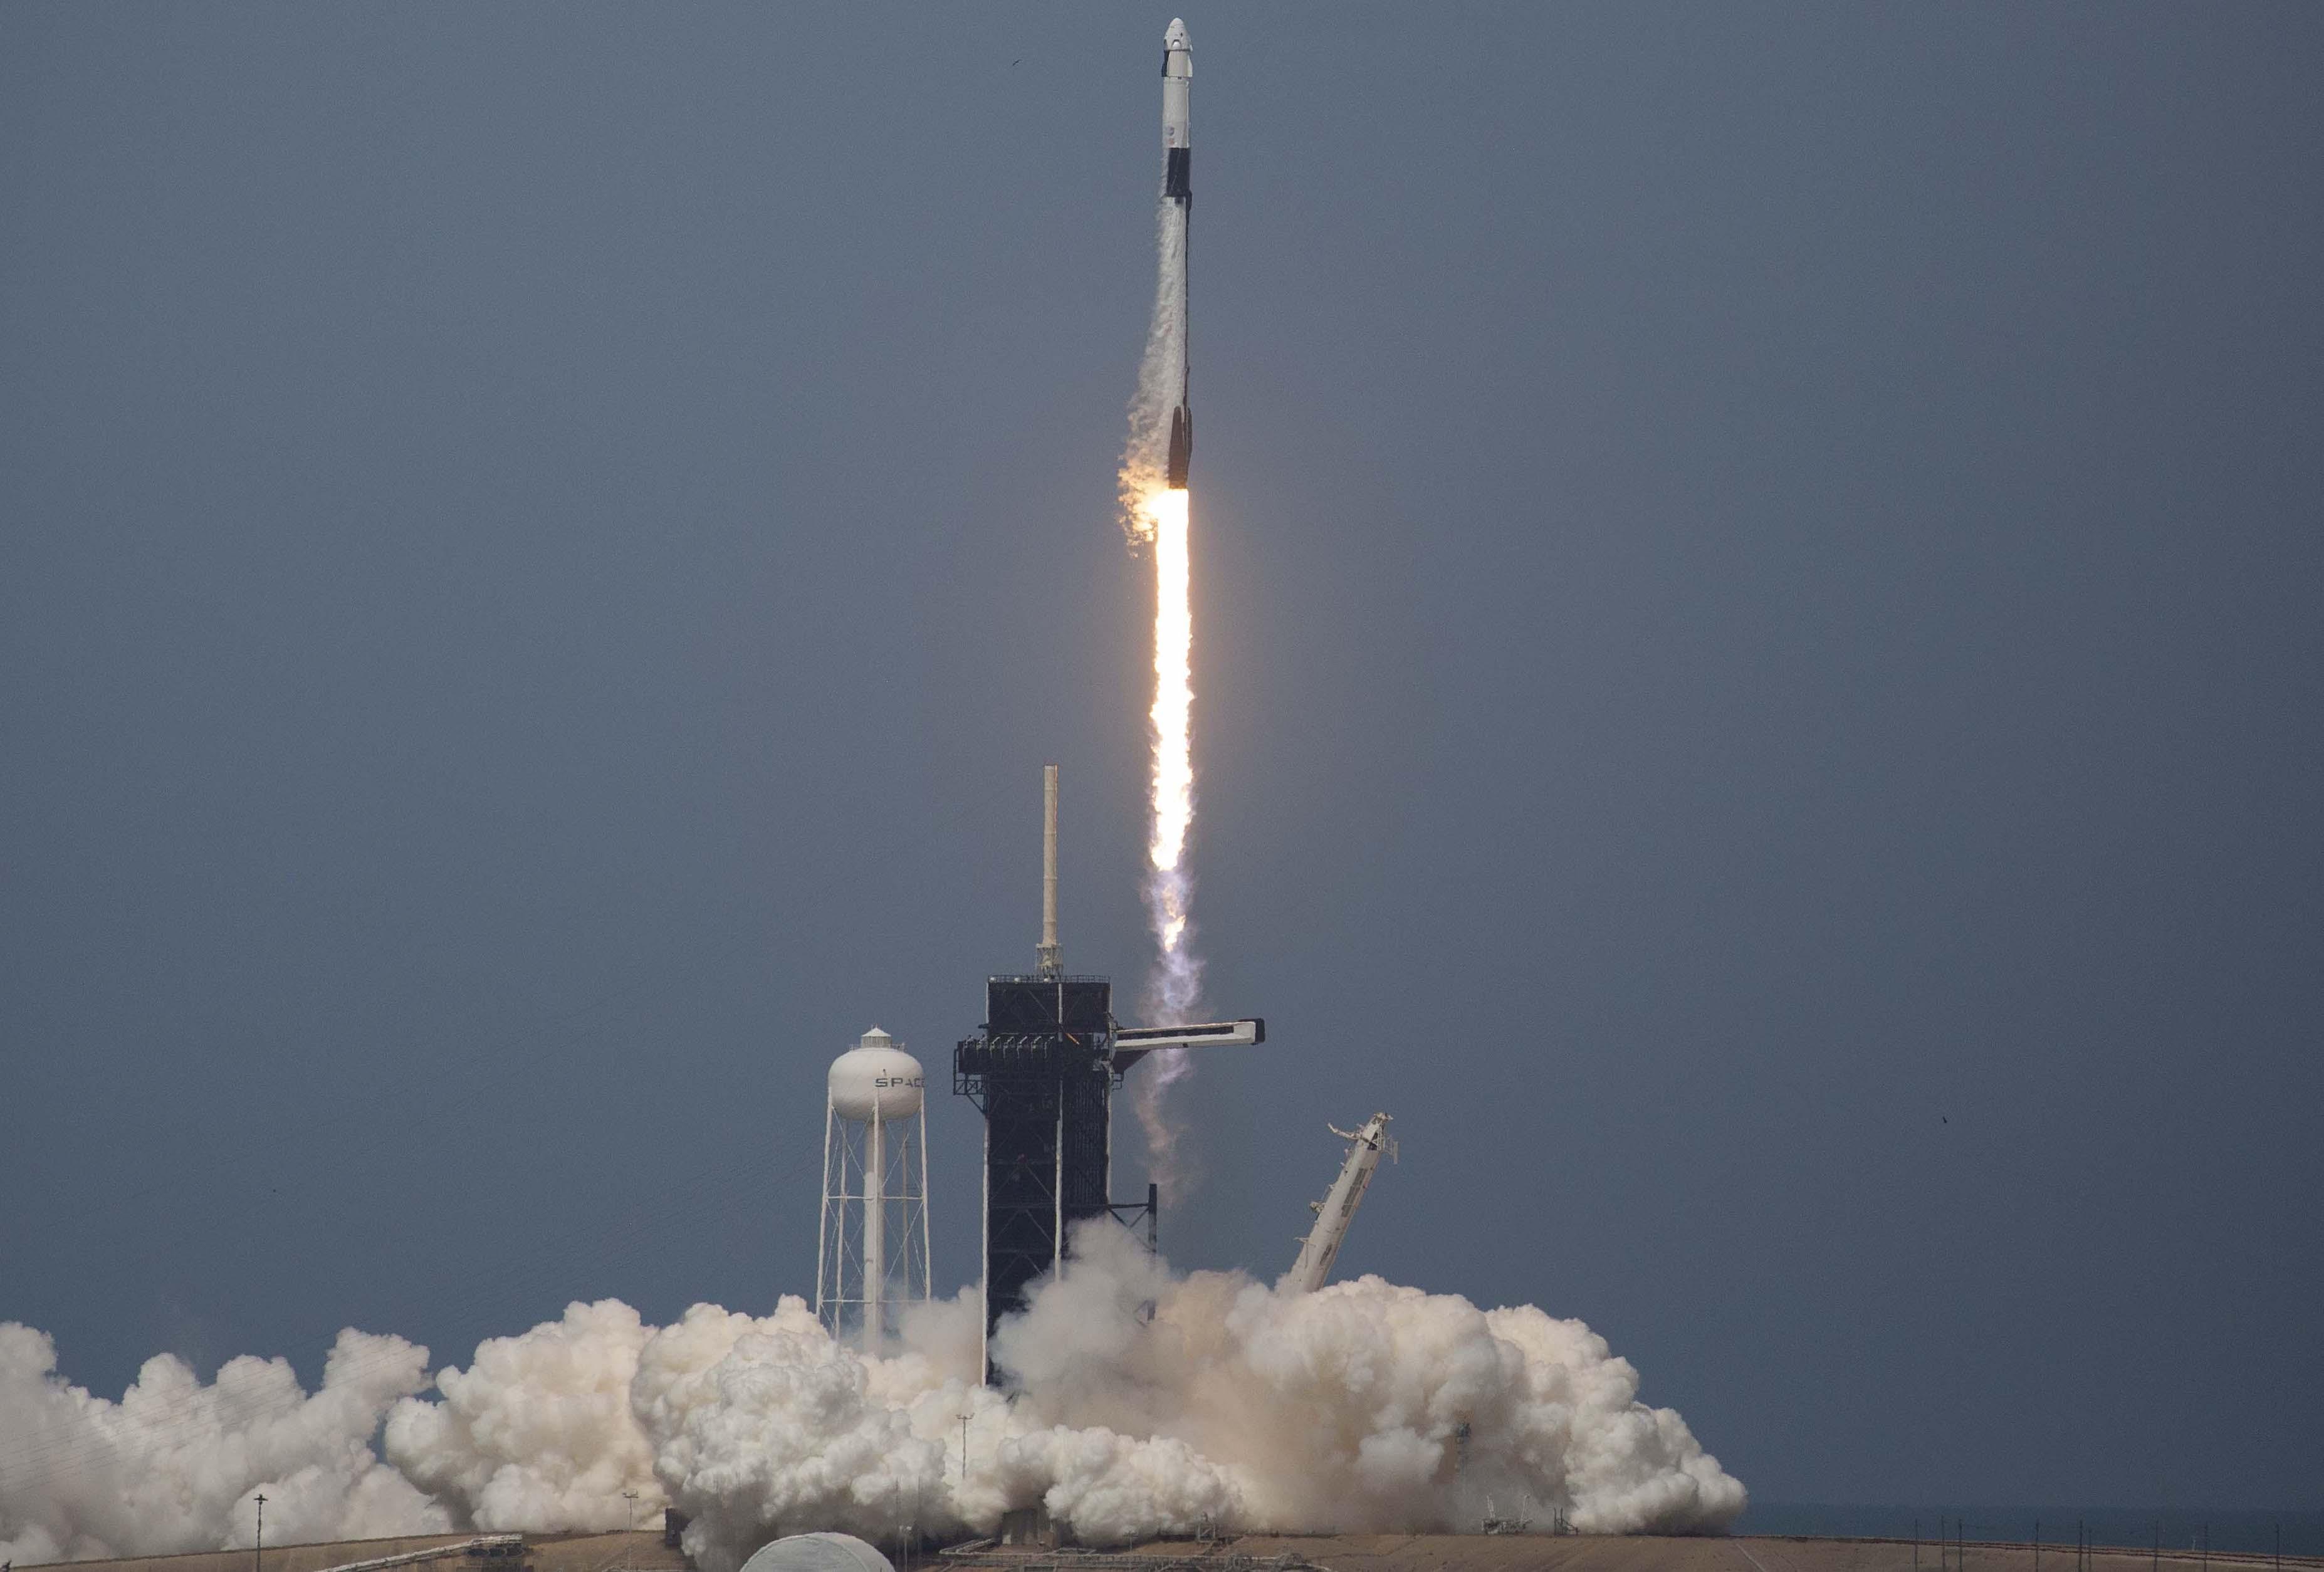 SpaceX делает историю с успешным первым запуском в космос 2020 SpaceX, запуск